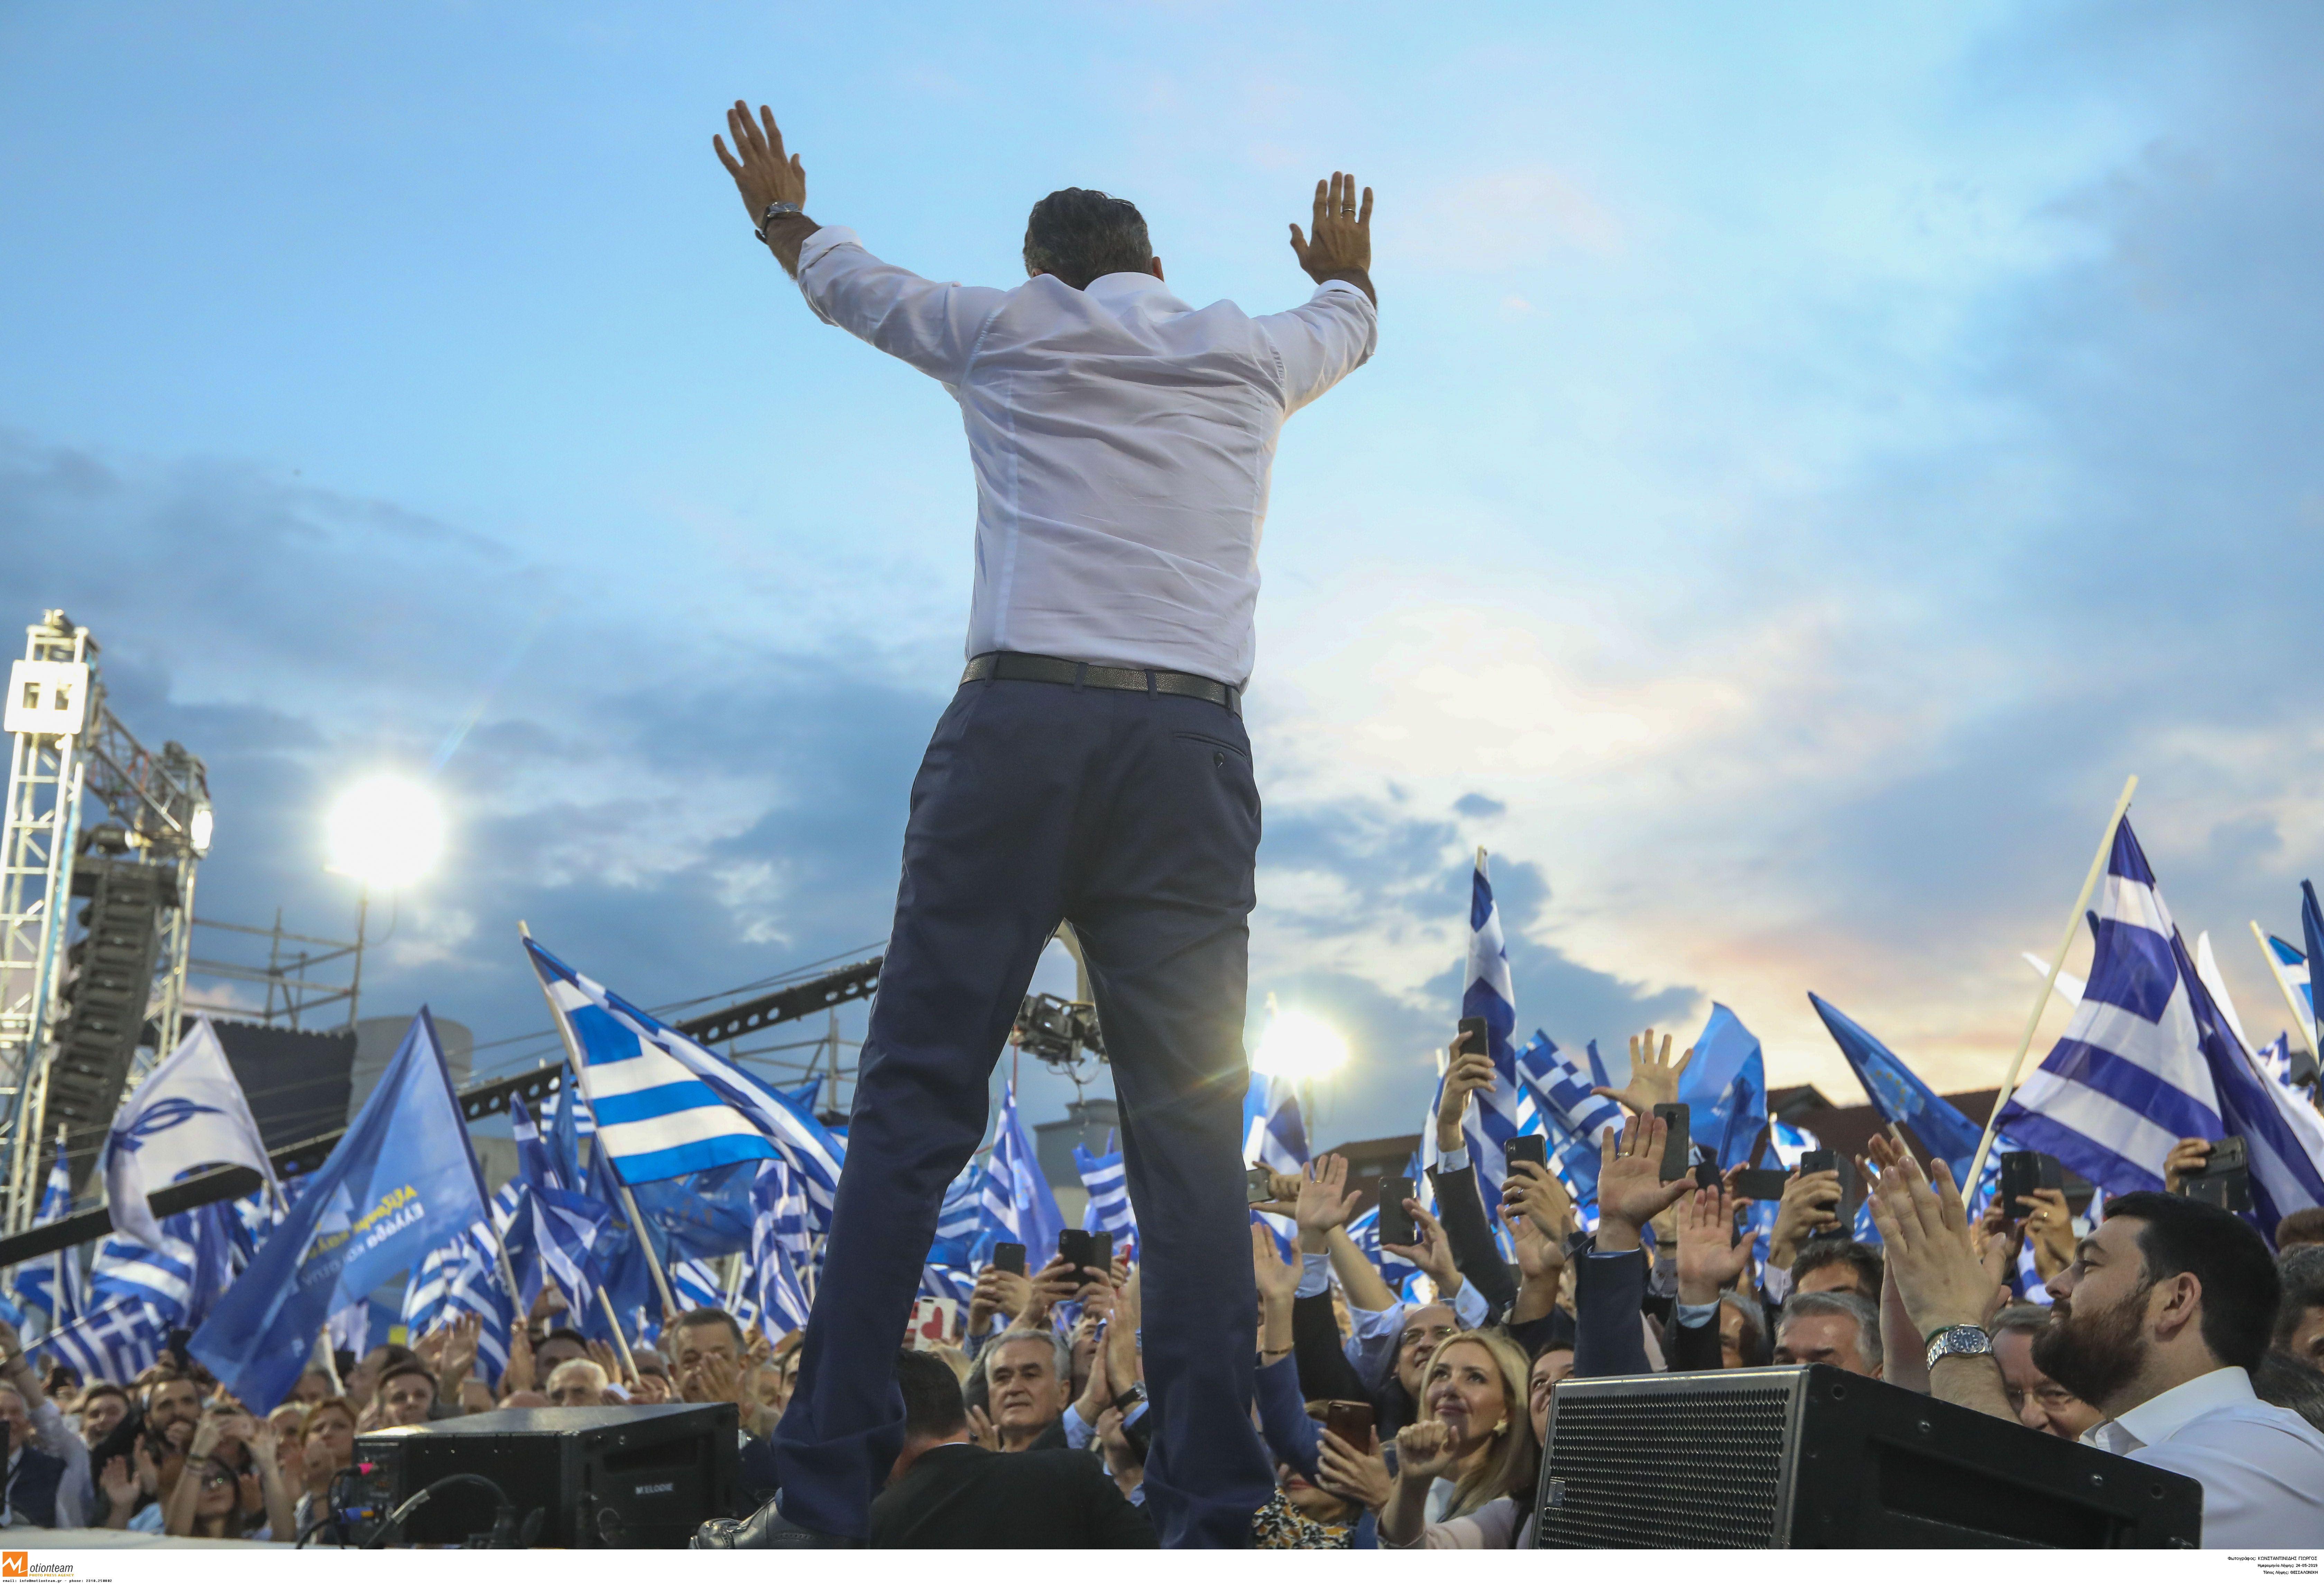 Ο Κυριάκος Μητσοτάκης χαιρετά τα πλήθη στη Θεσσαλονίκη